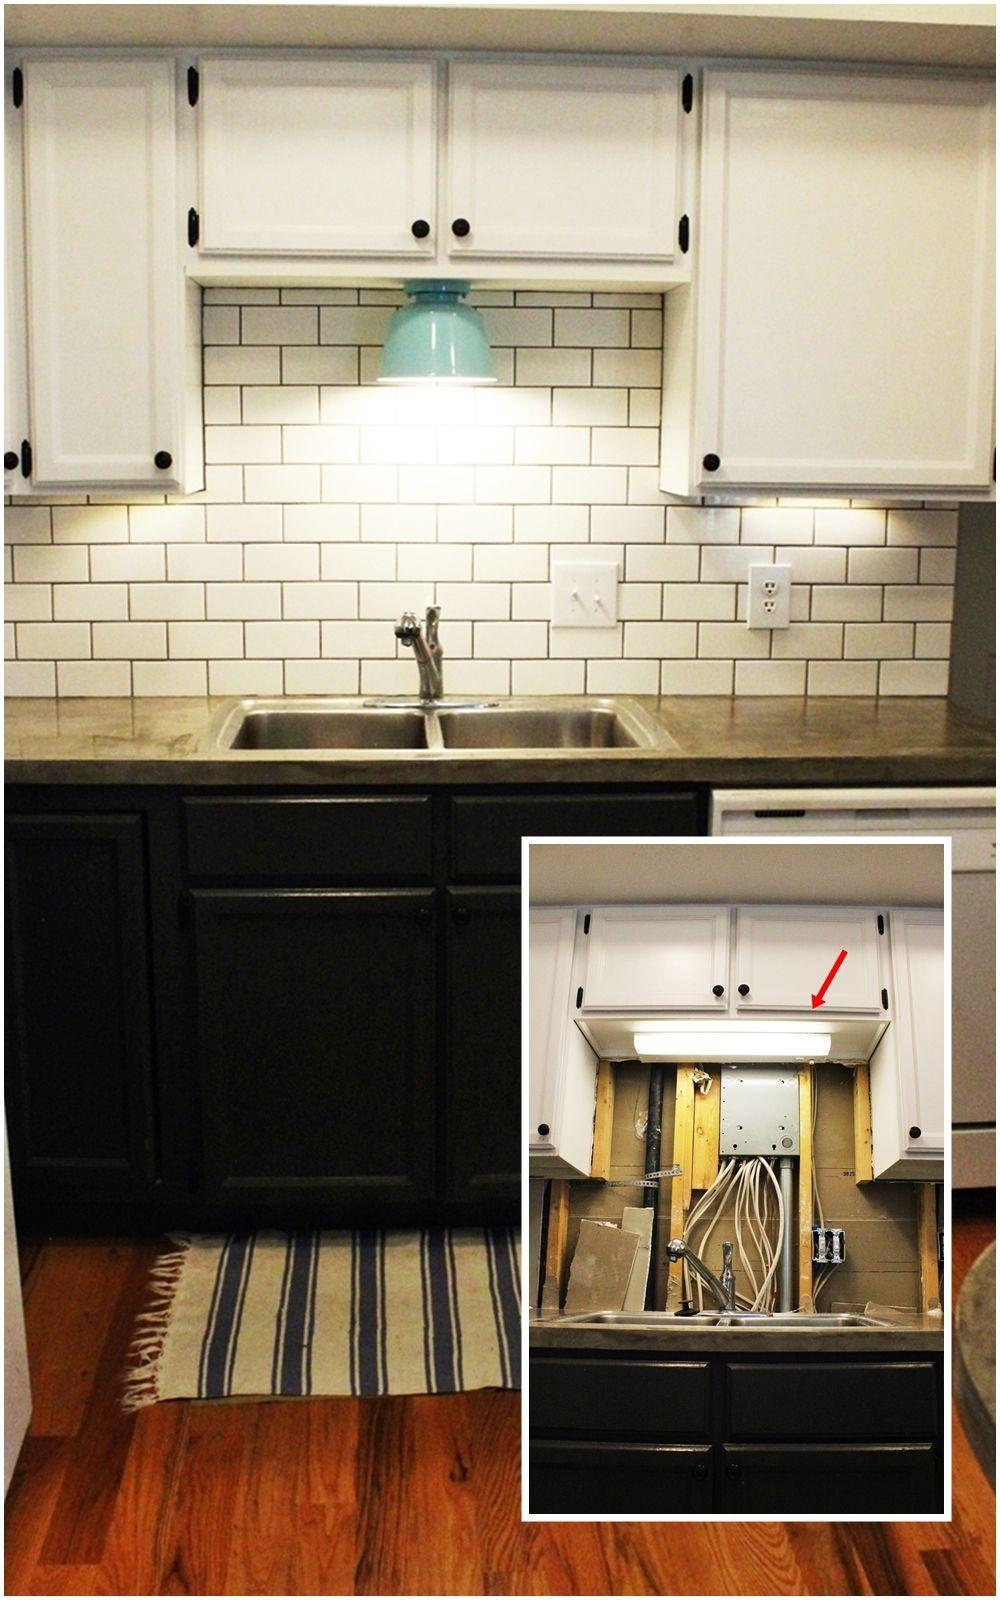 diy kitchen lighting upgrade led kitchen light fixtures DIY Kitchen Lighting Upgrade LED Under Cabinet Lights Above the Sink Light